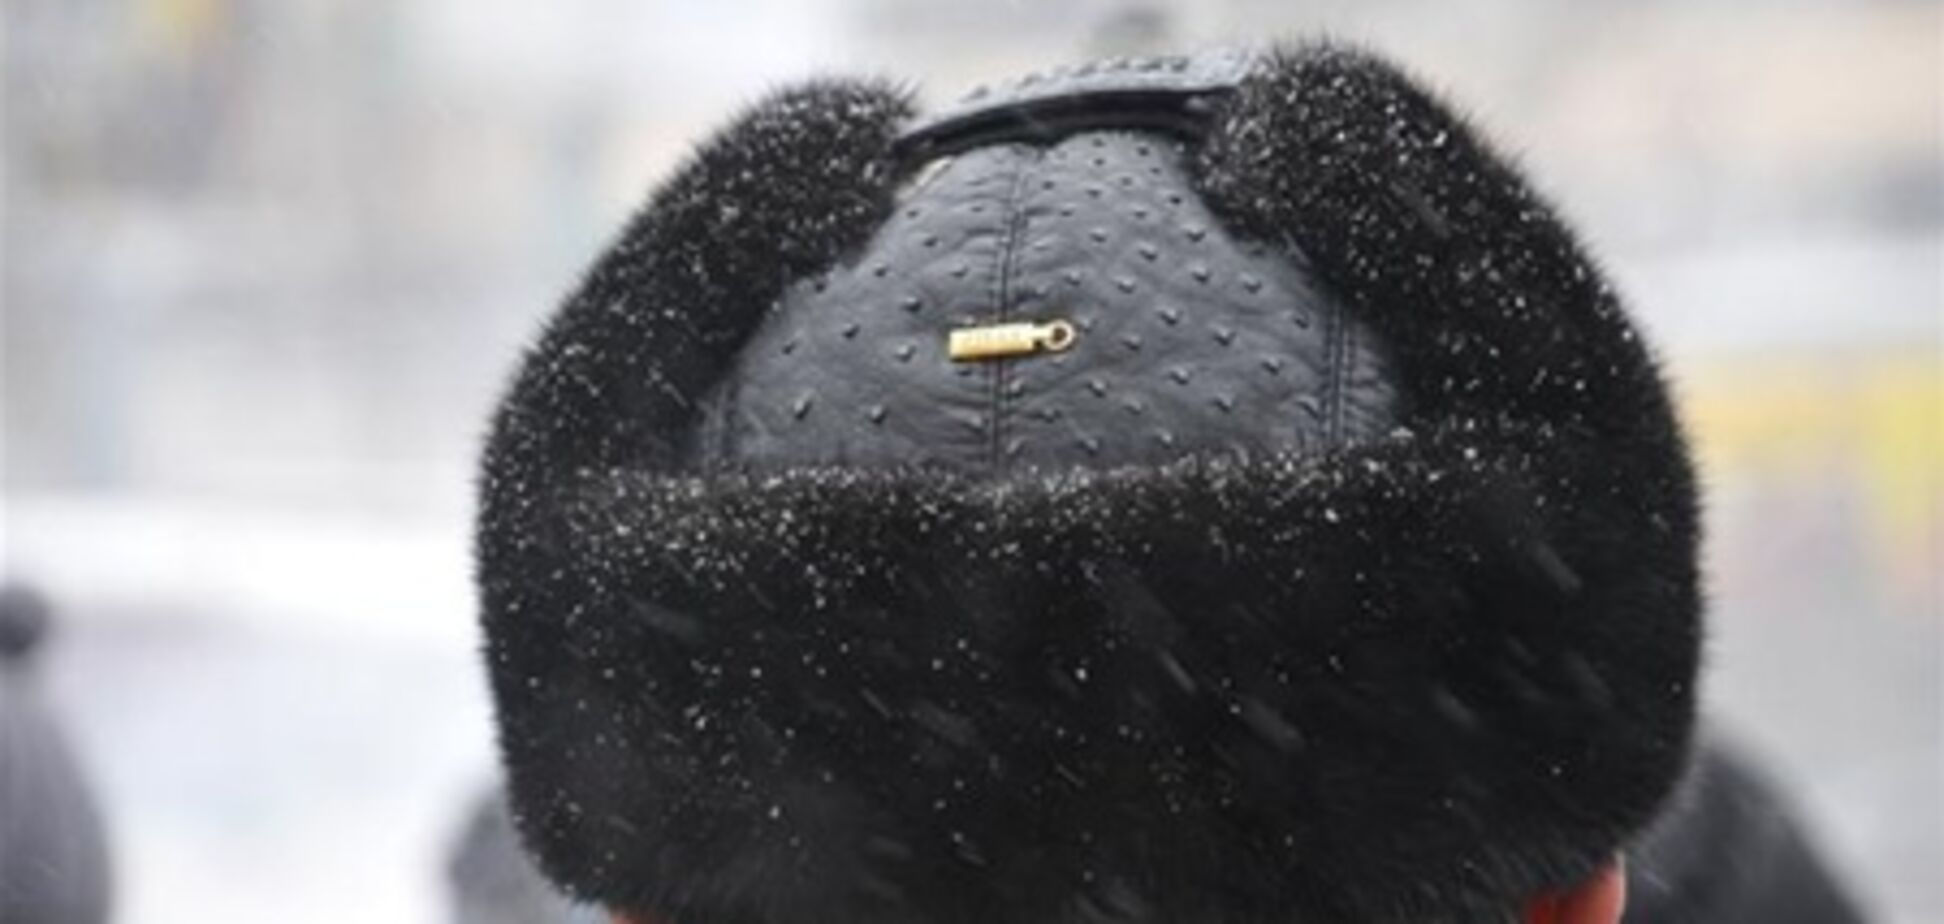 Донецький губернатор прийшов на зустріч з бомжами в шапці за € 2900